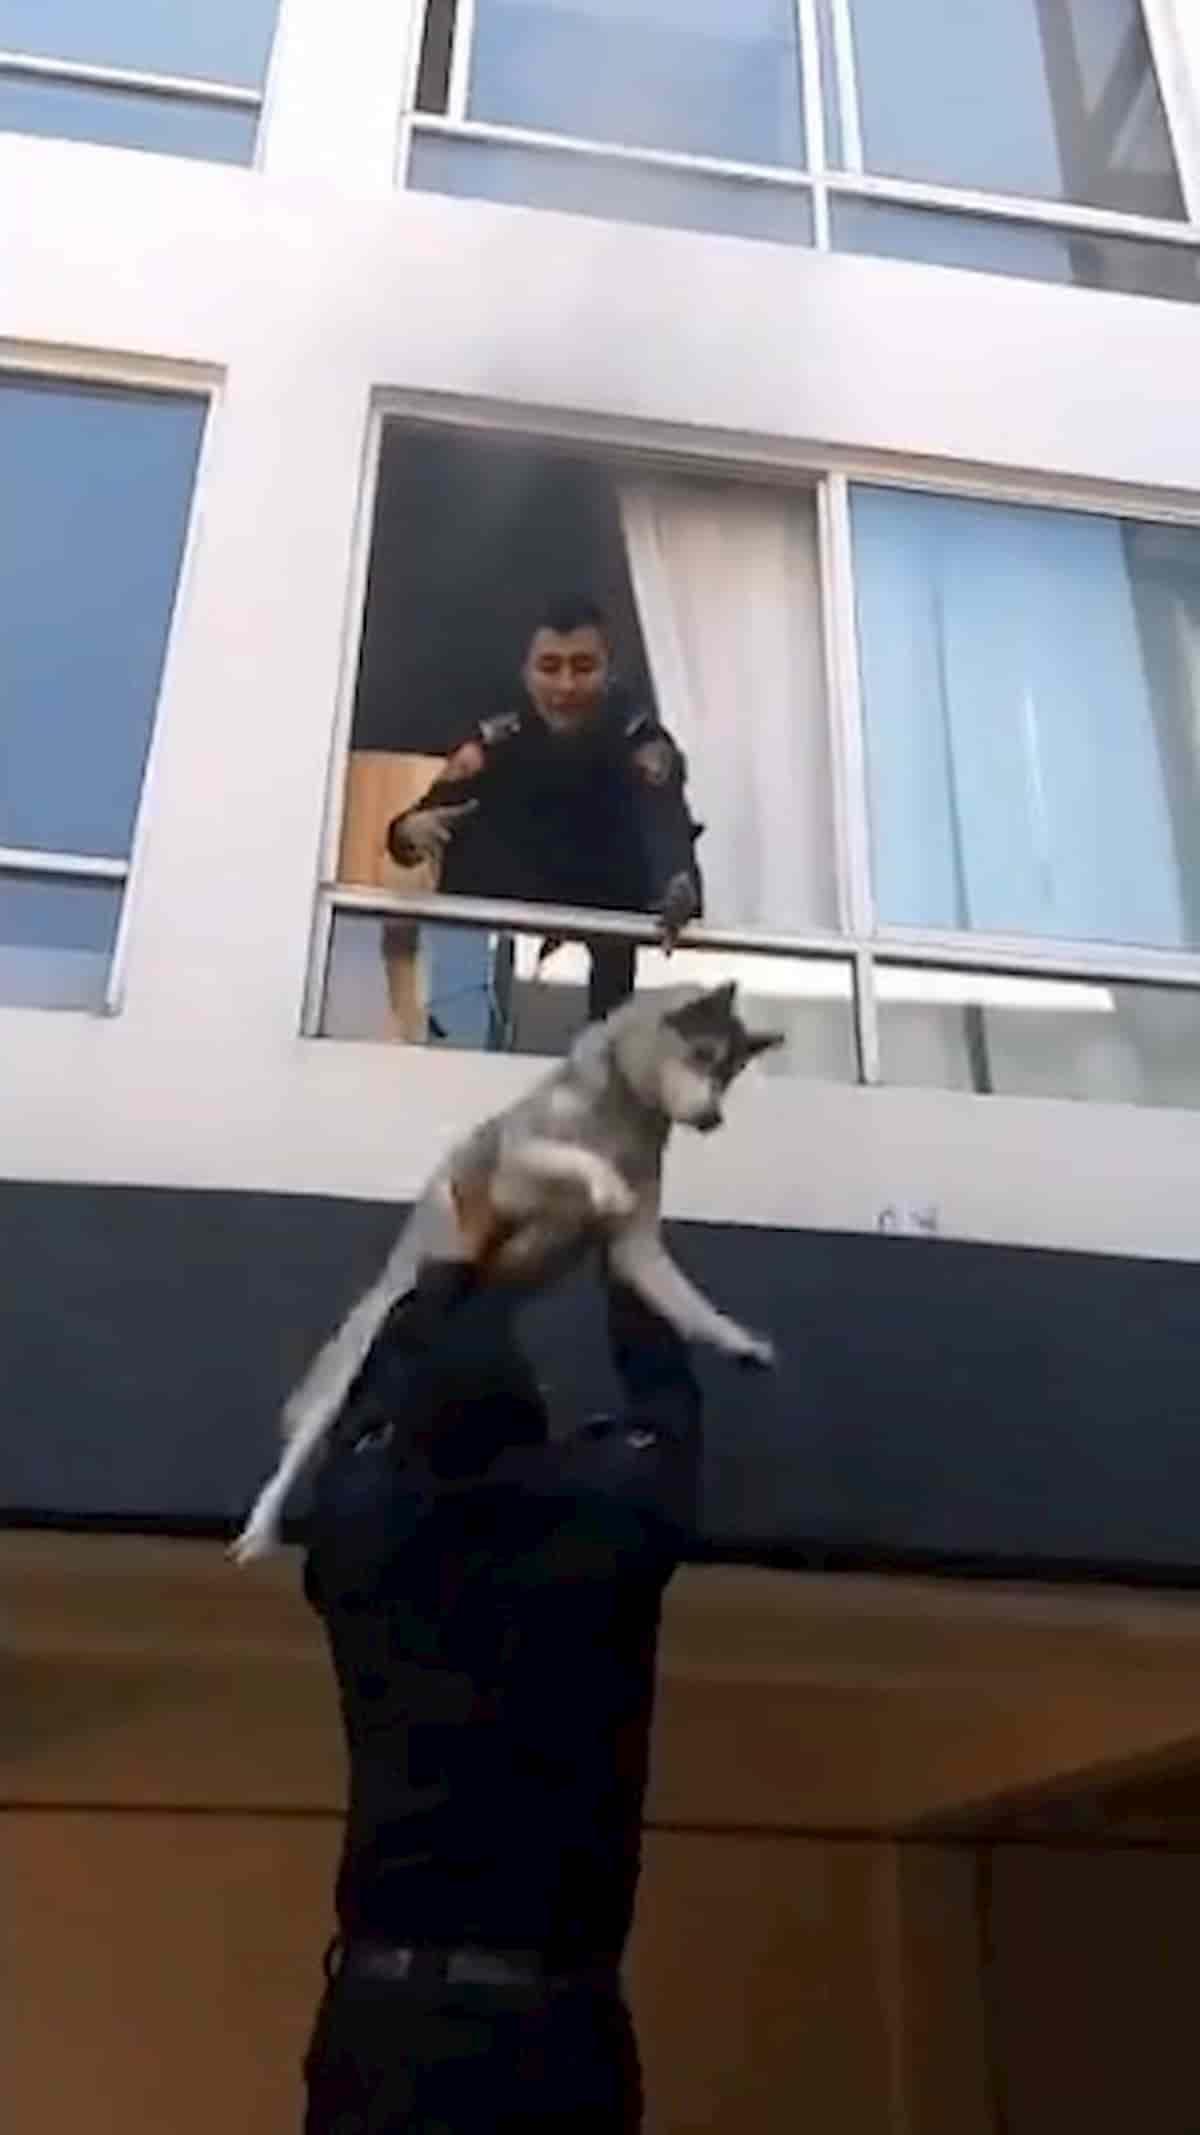 cão husky a ser resgatada e apanhado pela polícia em apartamento em incêndio